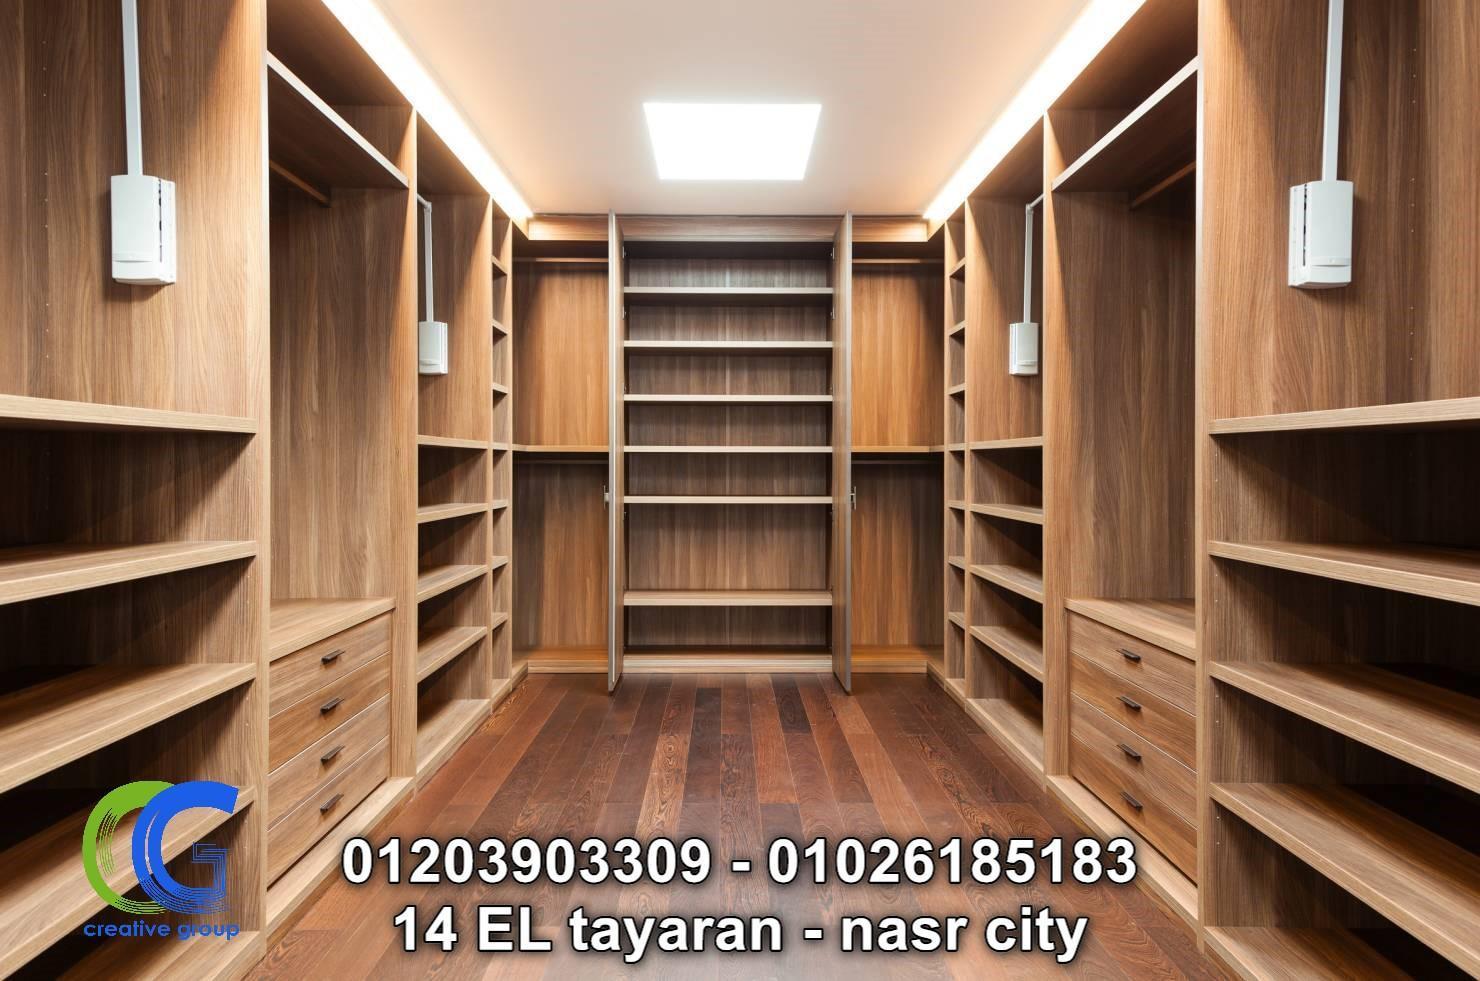 دريسنج روم مغلق  ( للاتصال 01203903309 ) 957395555